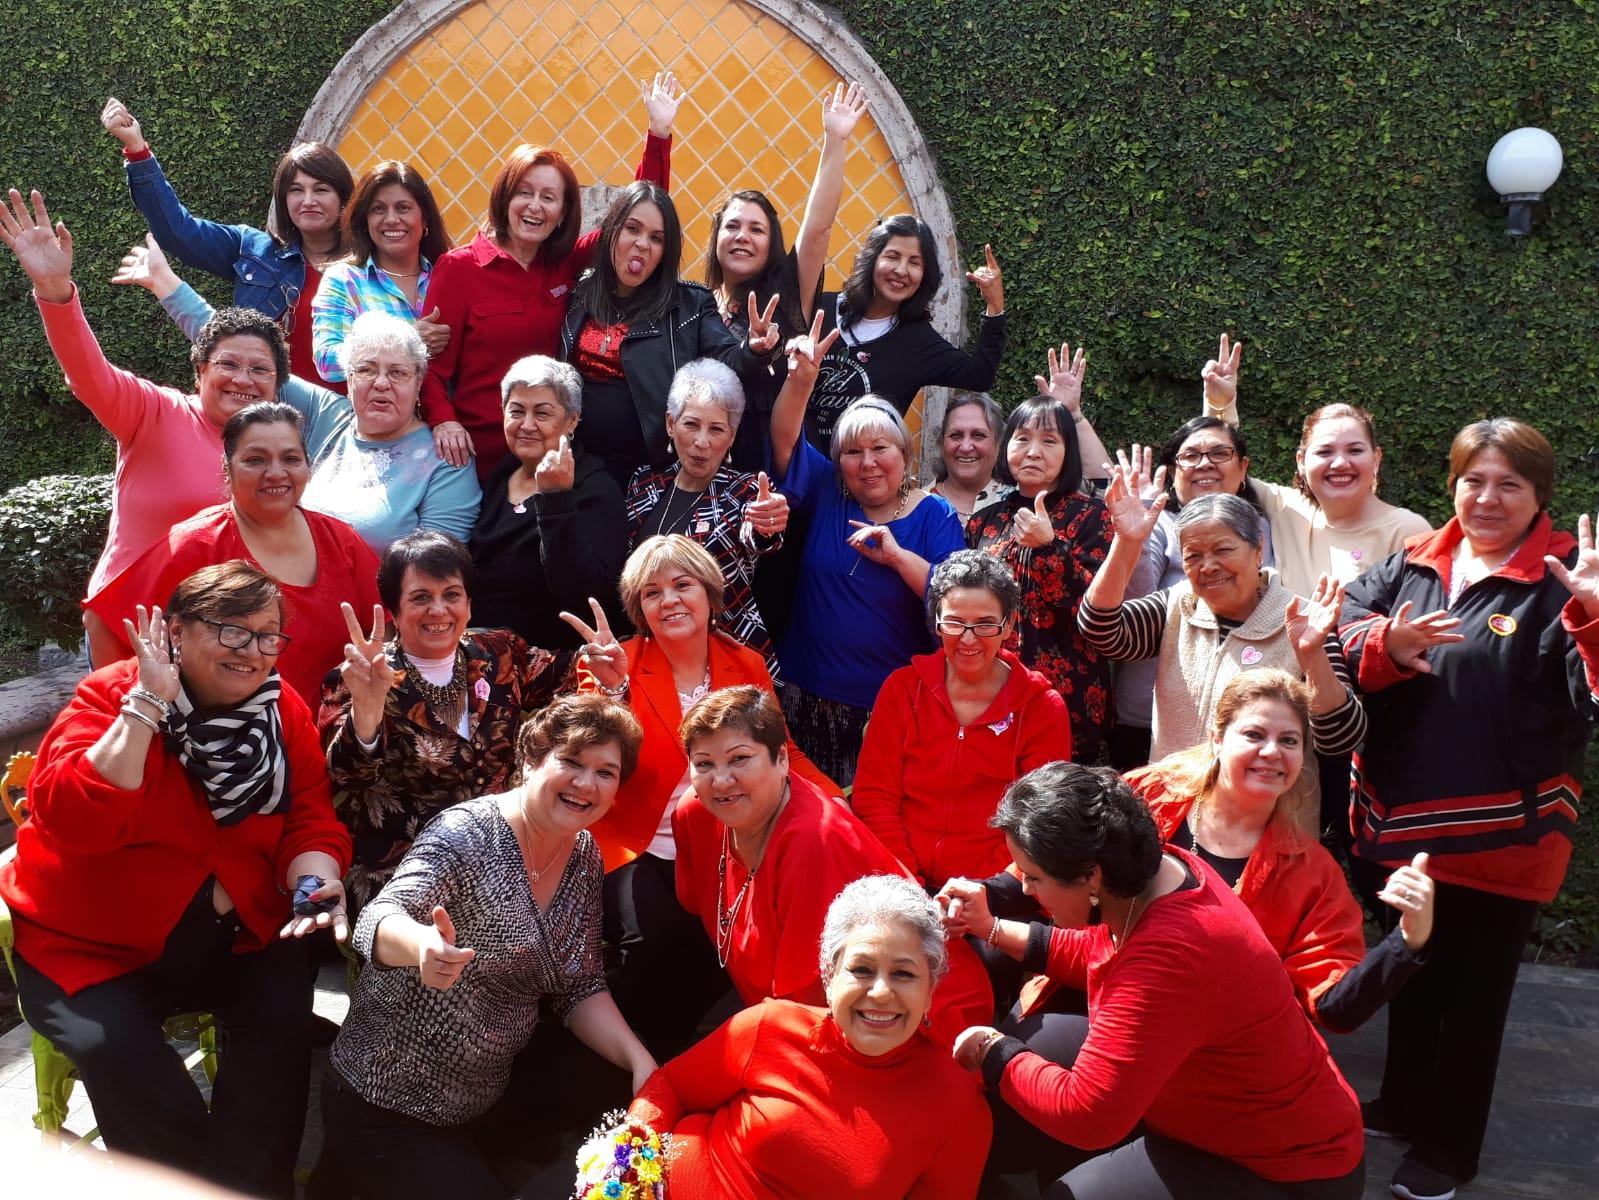 Unidas contigo festeja el 10 aniversario del grupo de auto ayuda NOVA